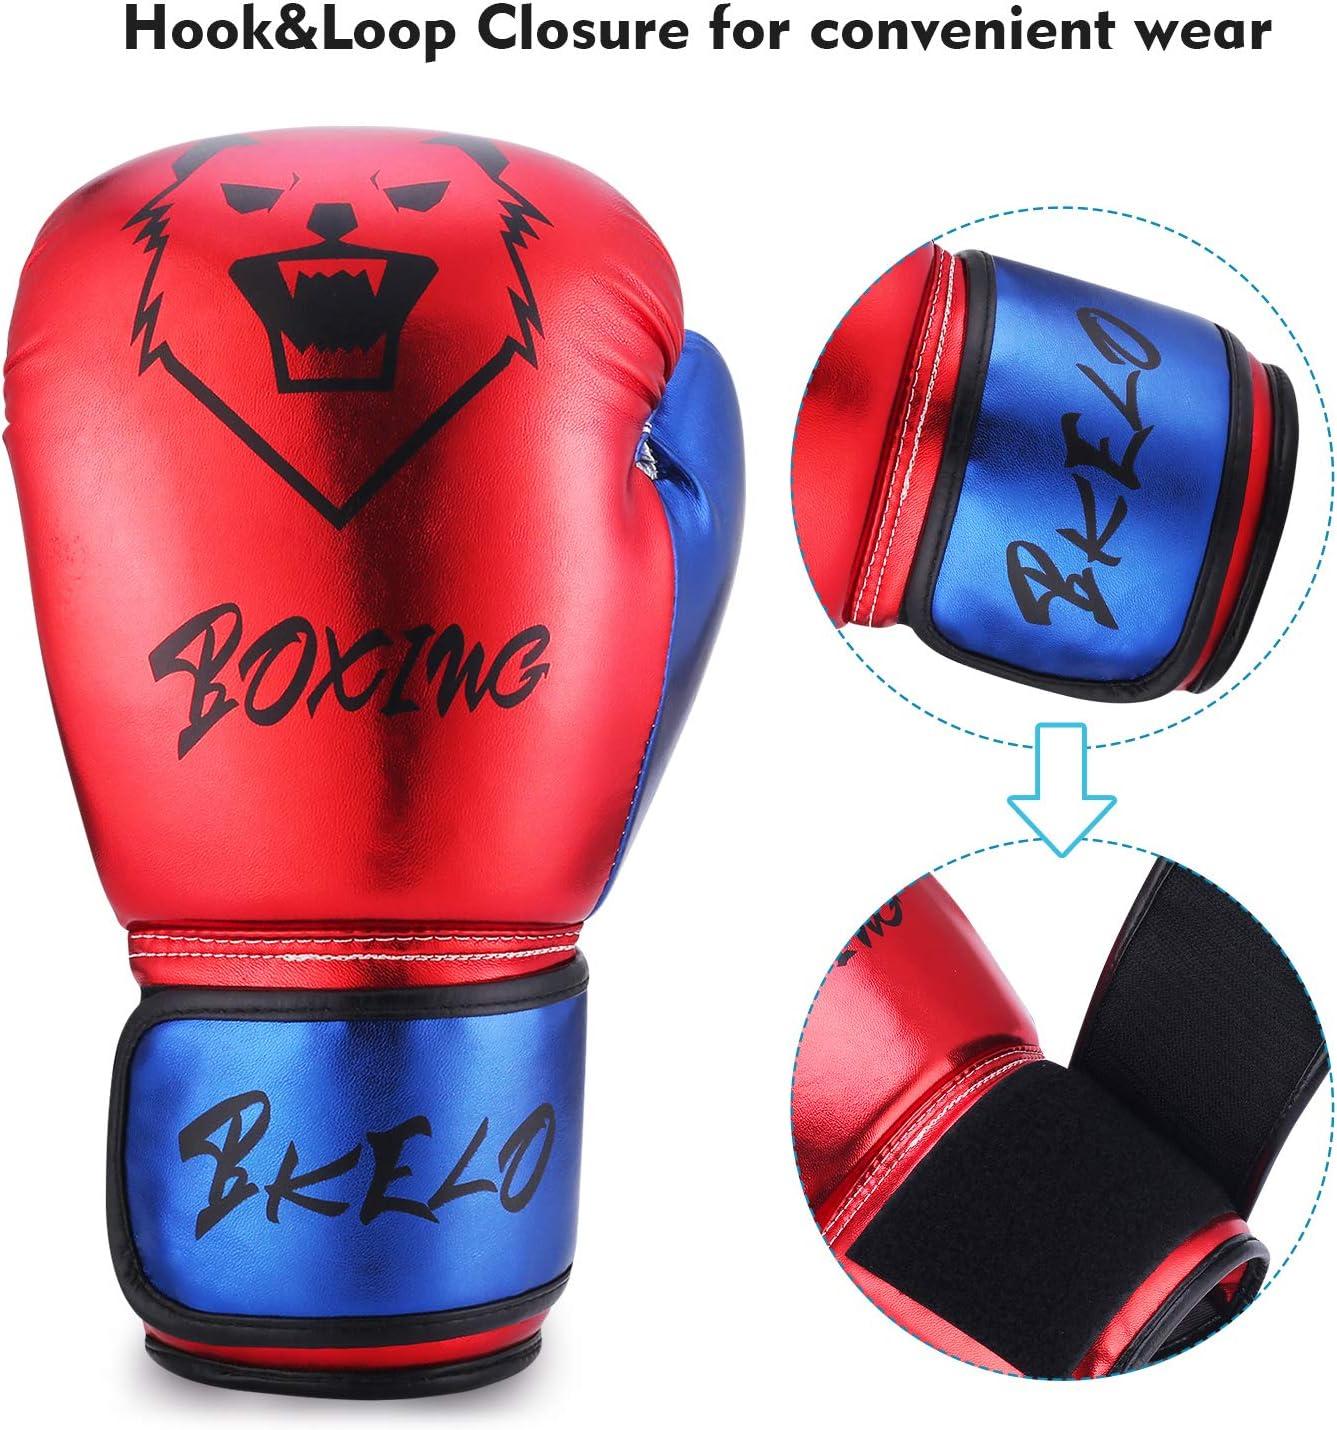 Kickboxing GLOWPEAK Pro Grade Boxing Gloves for Men/&Women Training Gloves,Fight Gloves,Thai Gloves